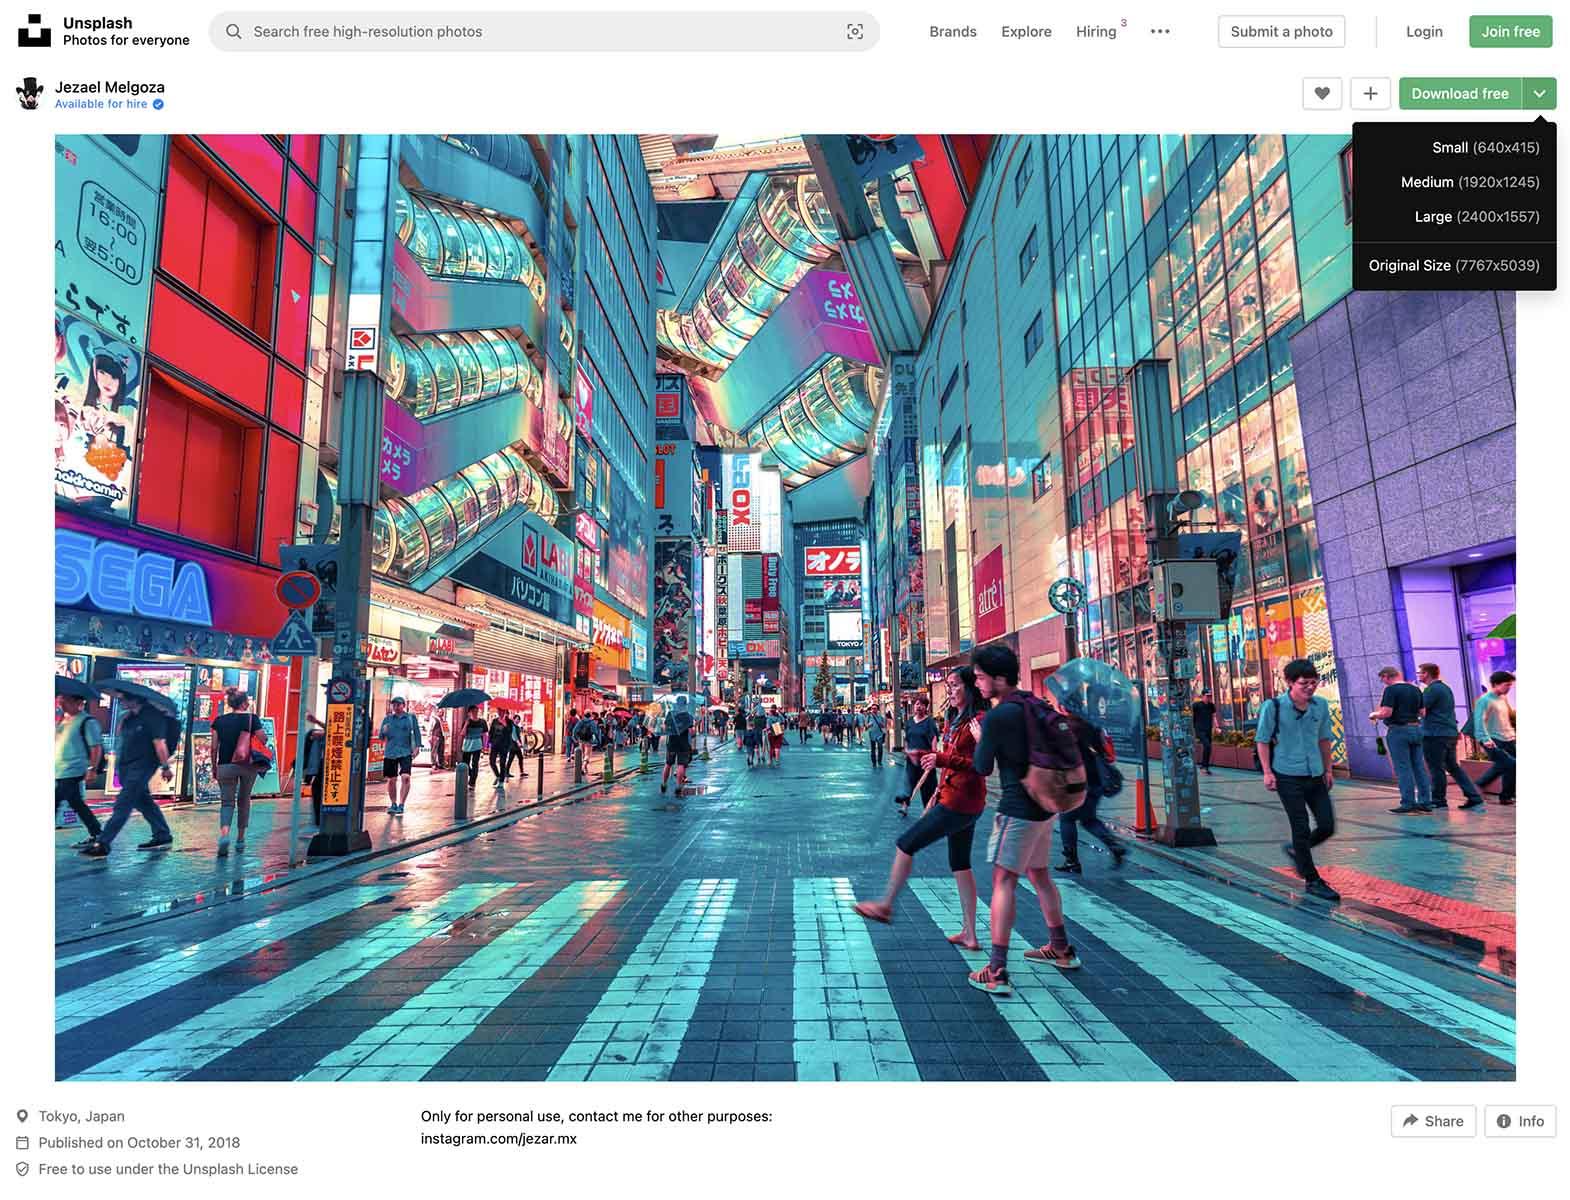 無料でブログに使えるイラストや画像の素材サイト_4